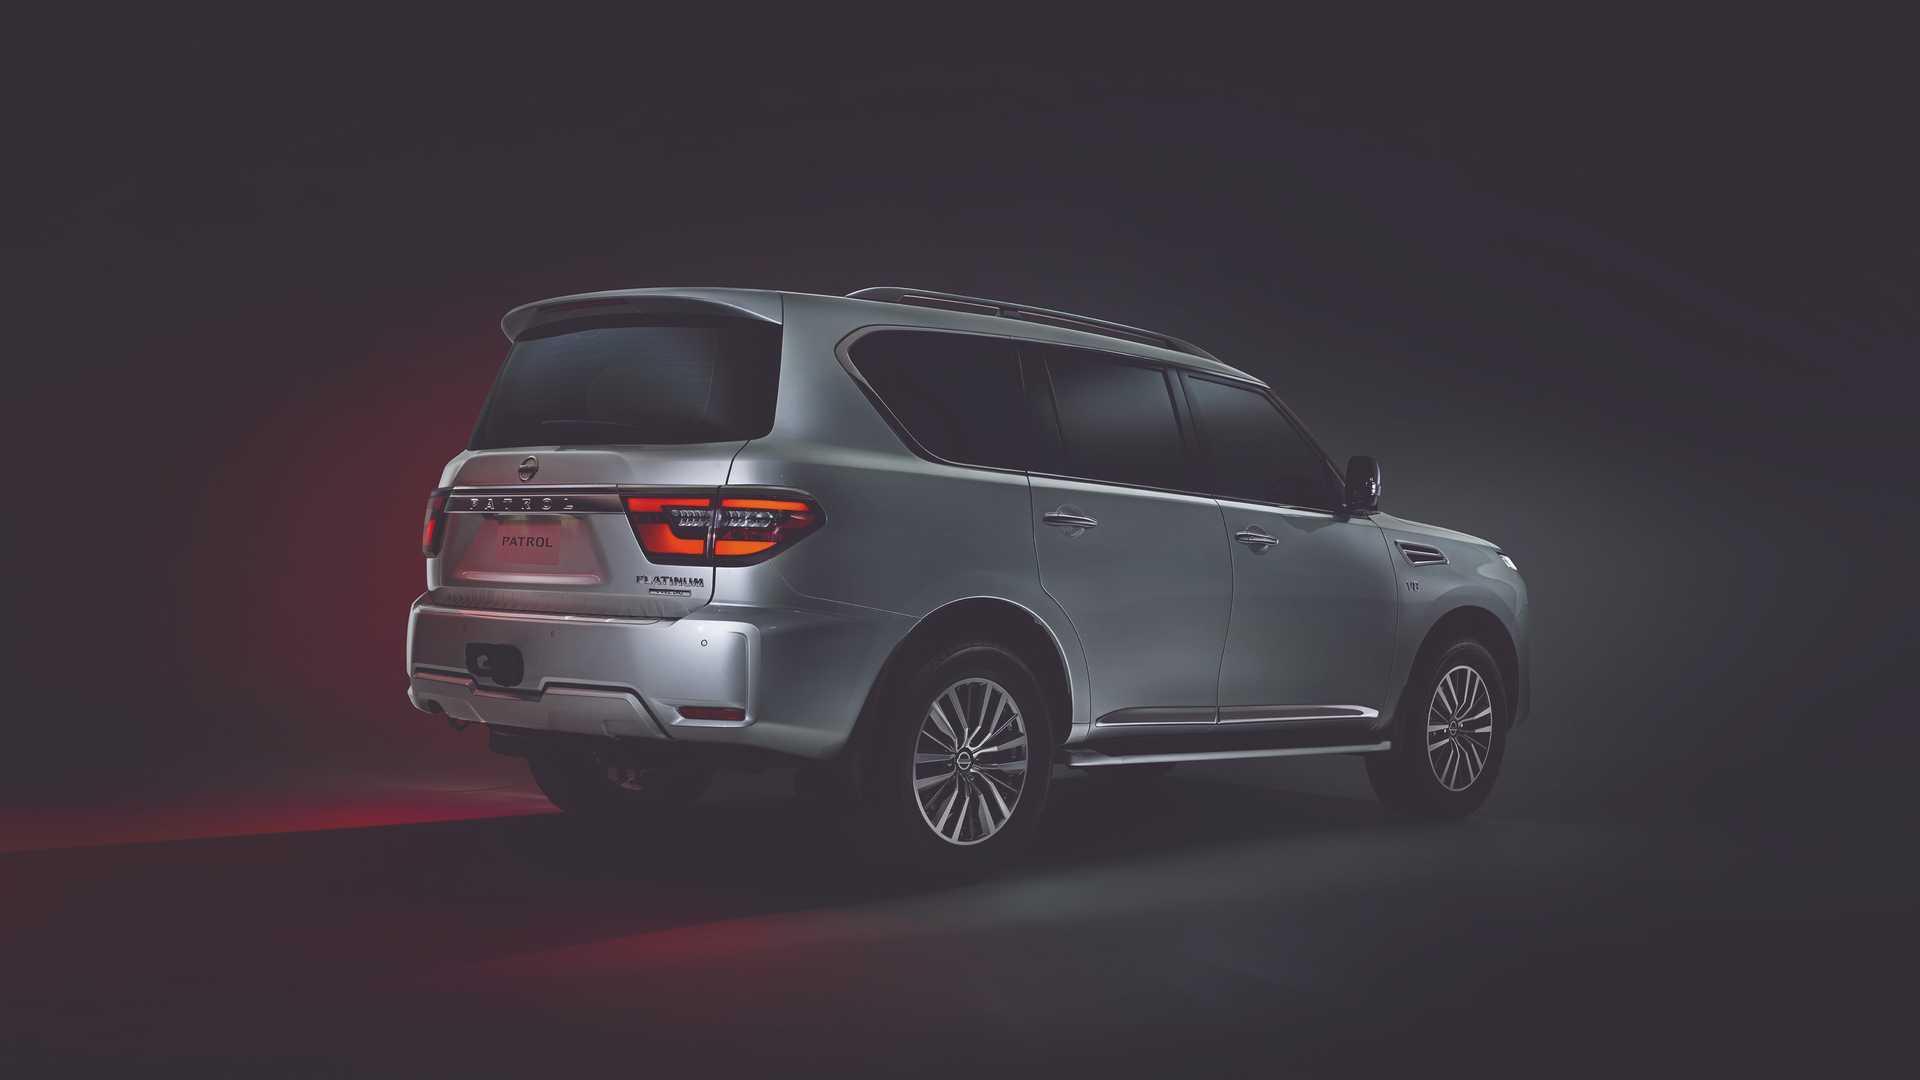 2020_Nissan_Patrol_5